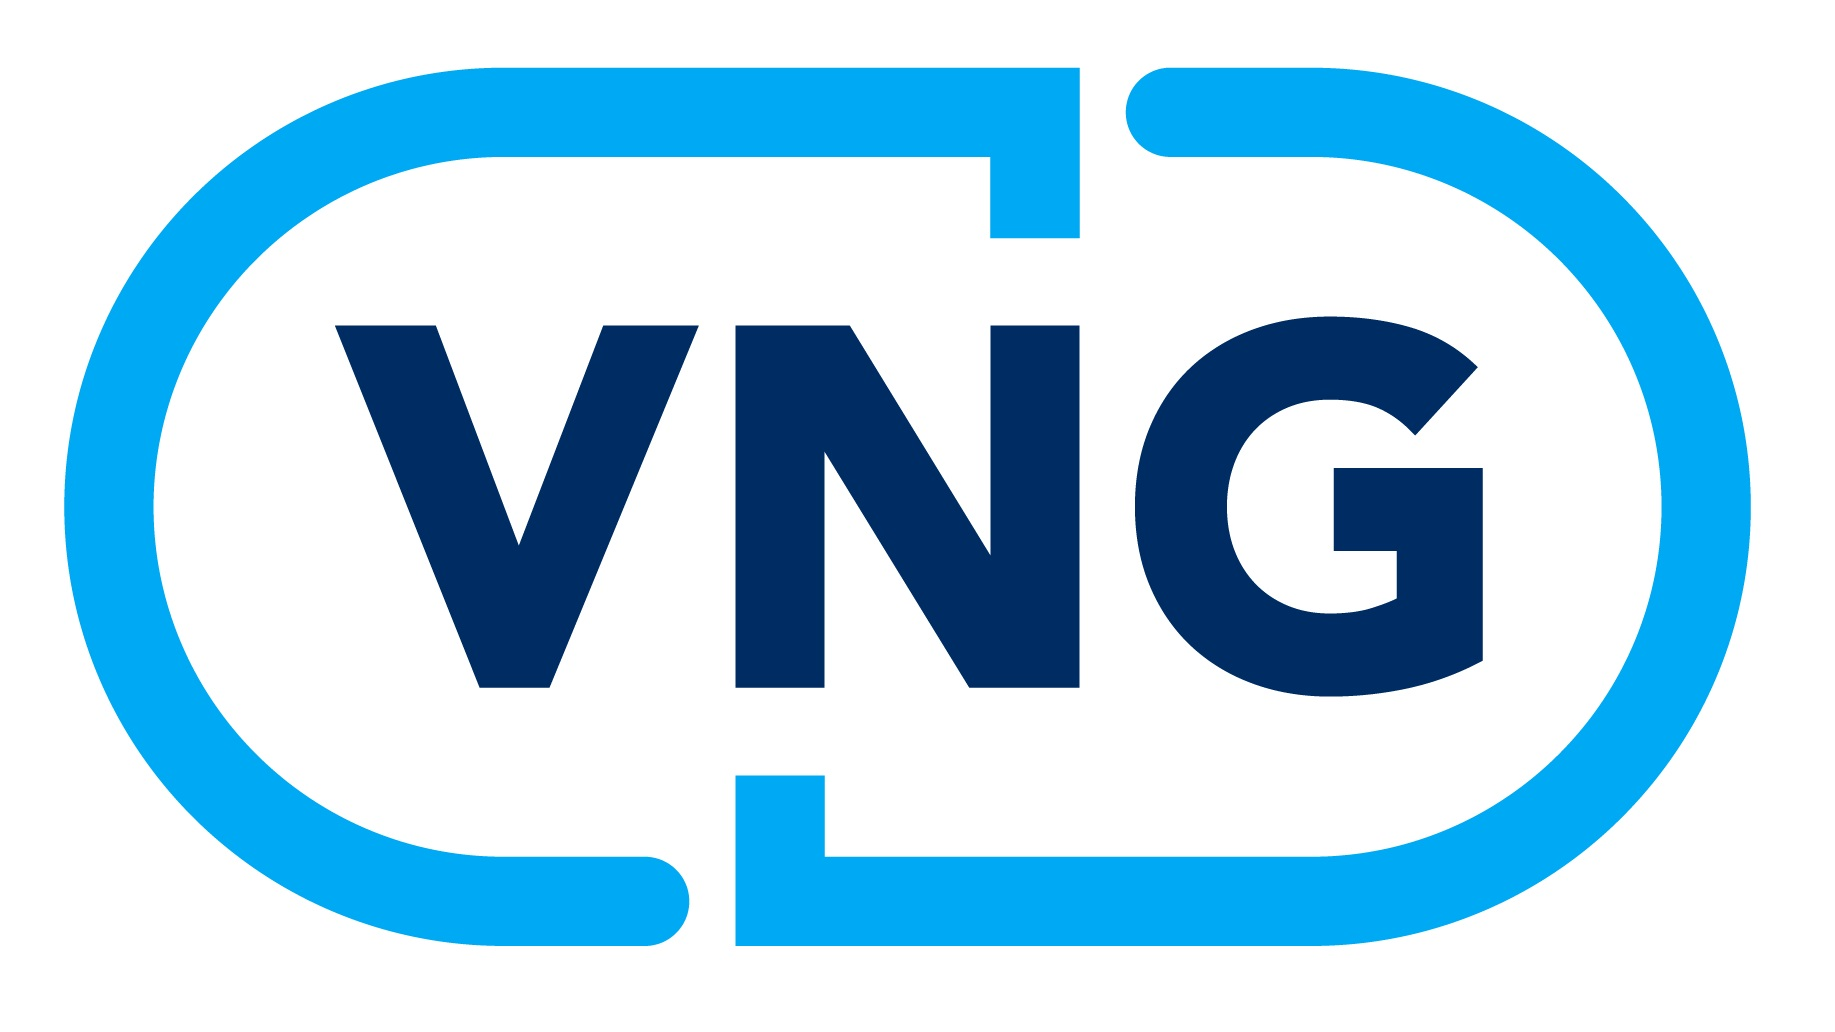 Afbeelding van het logo van de Vereniging van Nederlandse Gemeenten (V.N.G.)